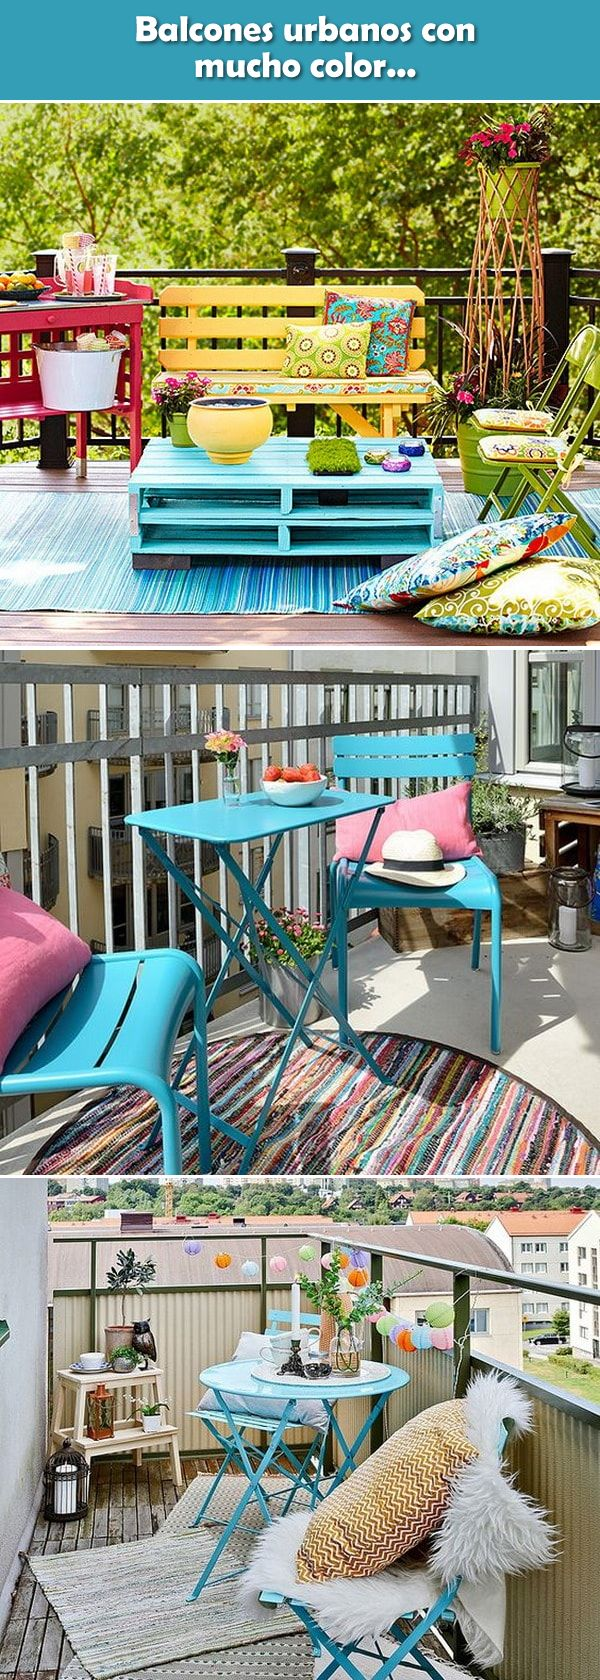 Ideas para balcones pequeños. Balcones pequeños con mucho color. Balcones en departamentos pequeños. #balciones #decoracionexterior